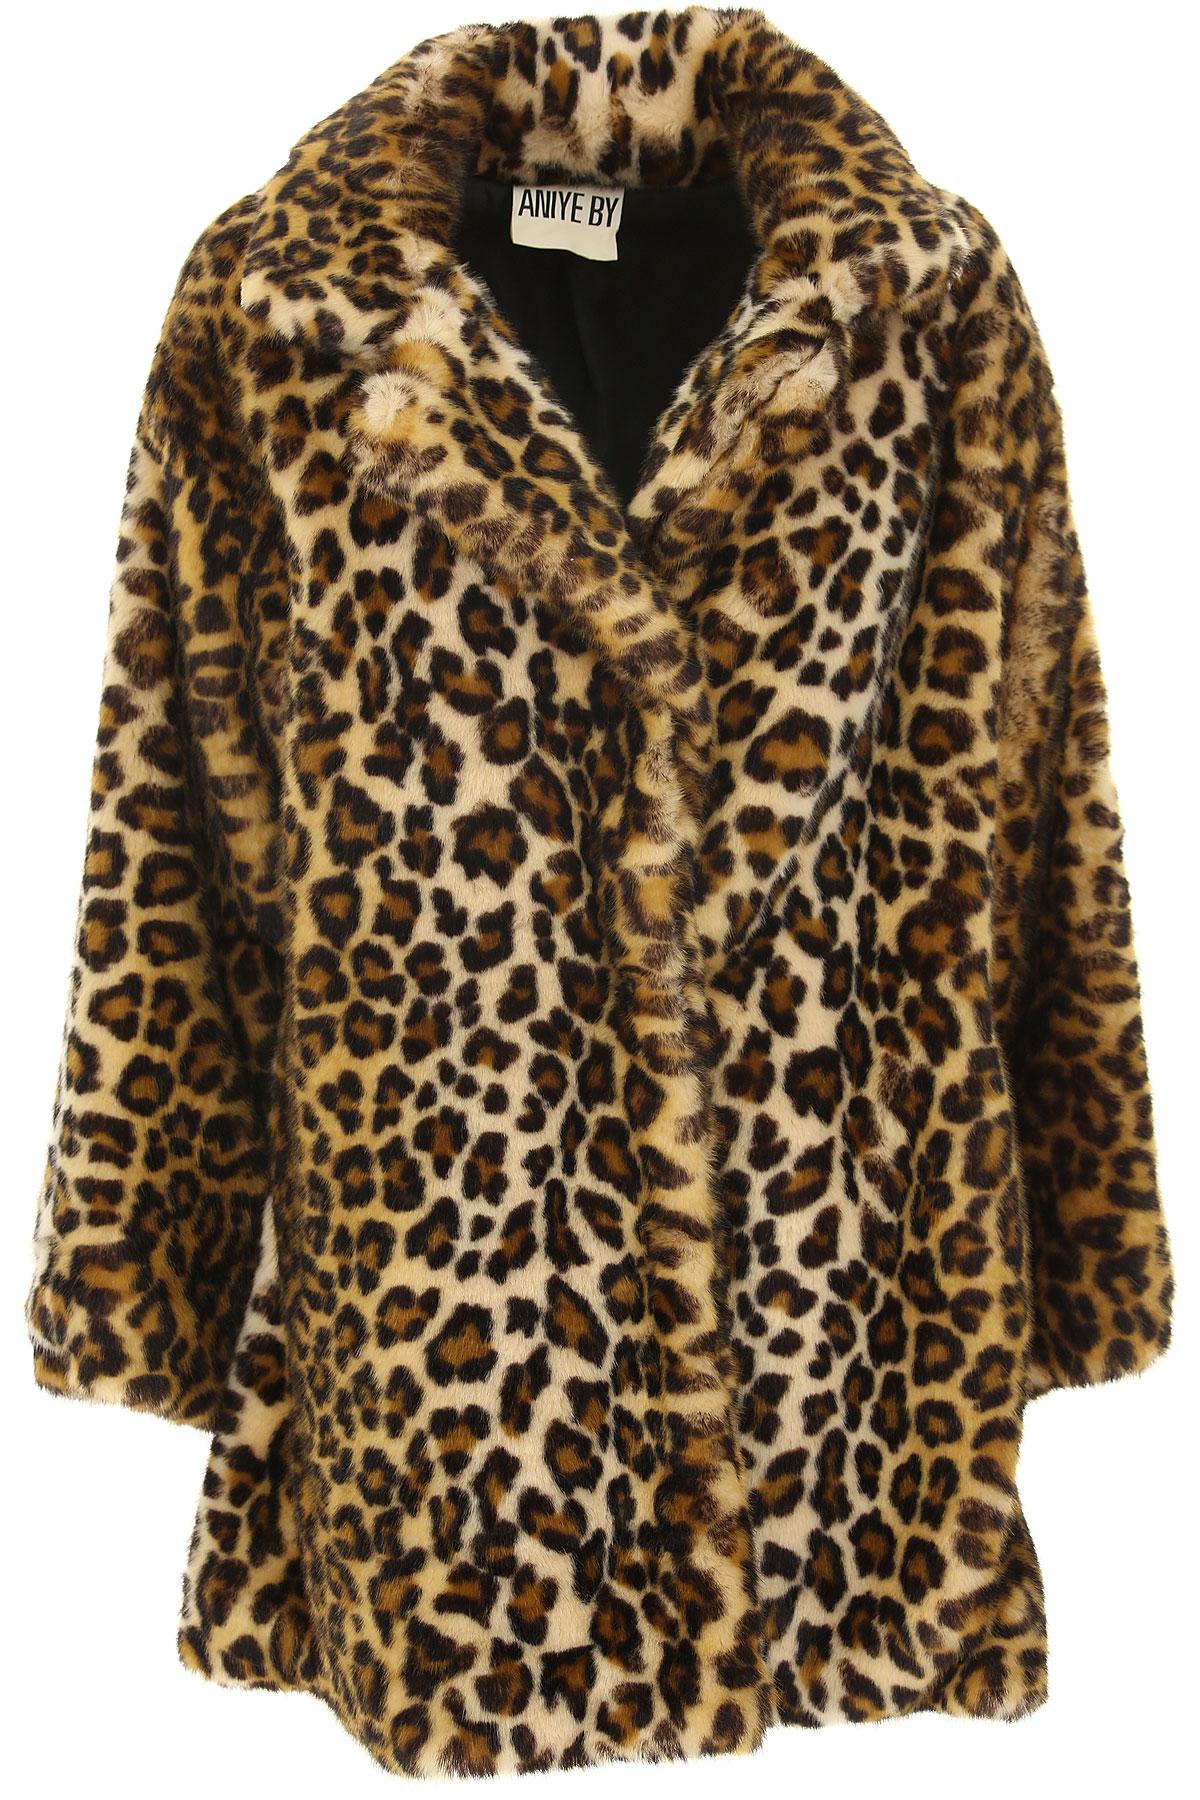 Image of Aniye By Women\'s Coat, Leopard, modacrylic, 2017, 4 6